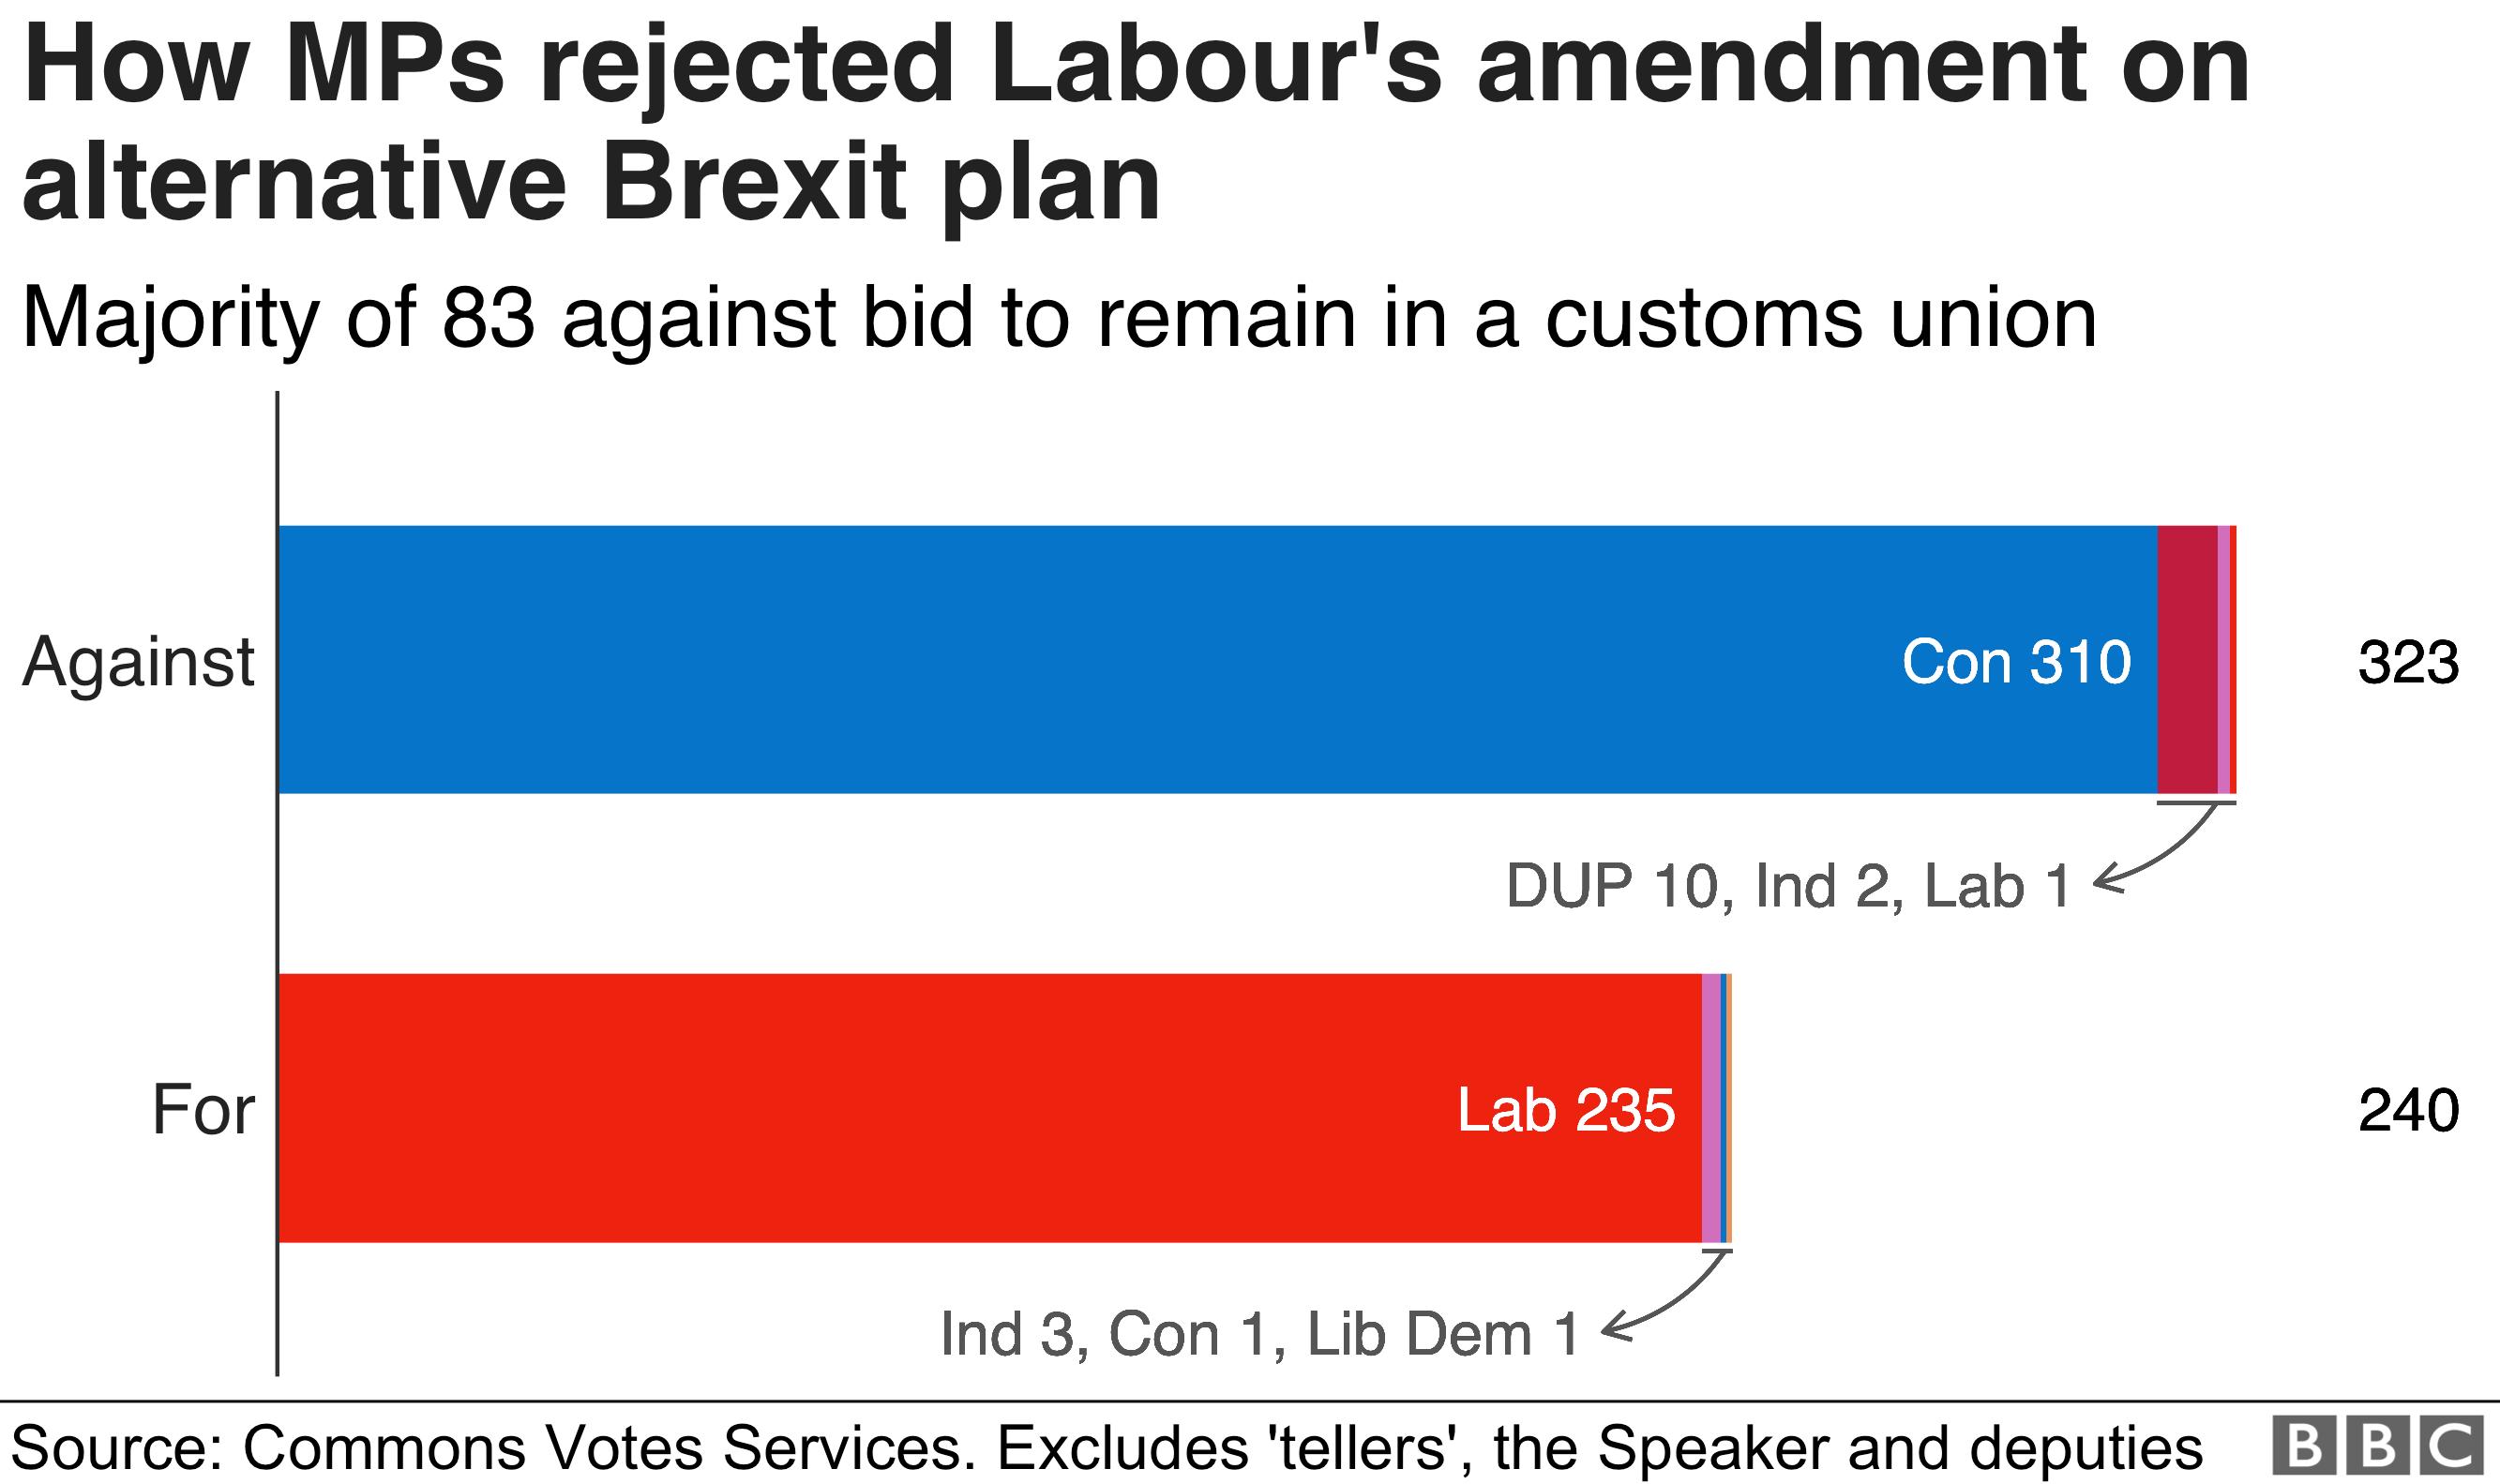 Chart showing votes on Labour amendment